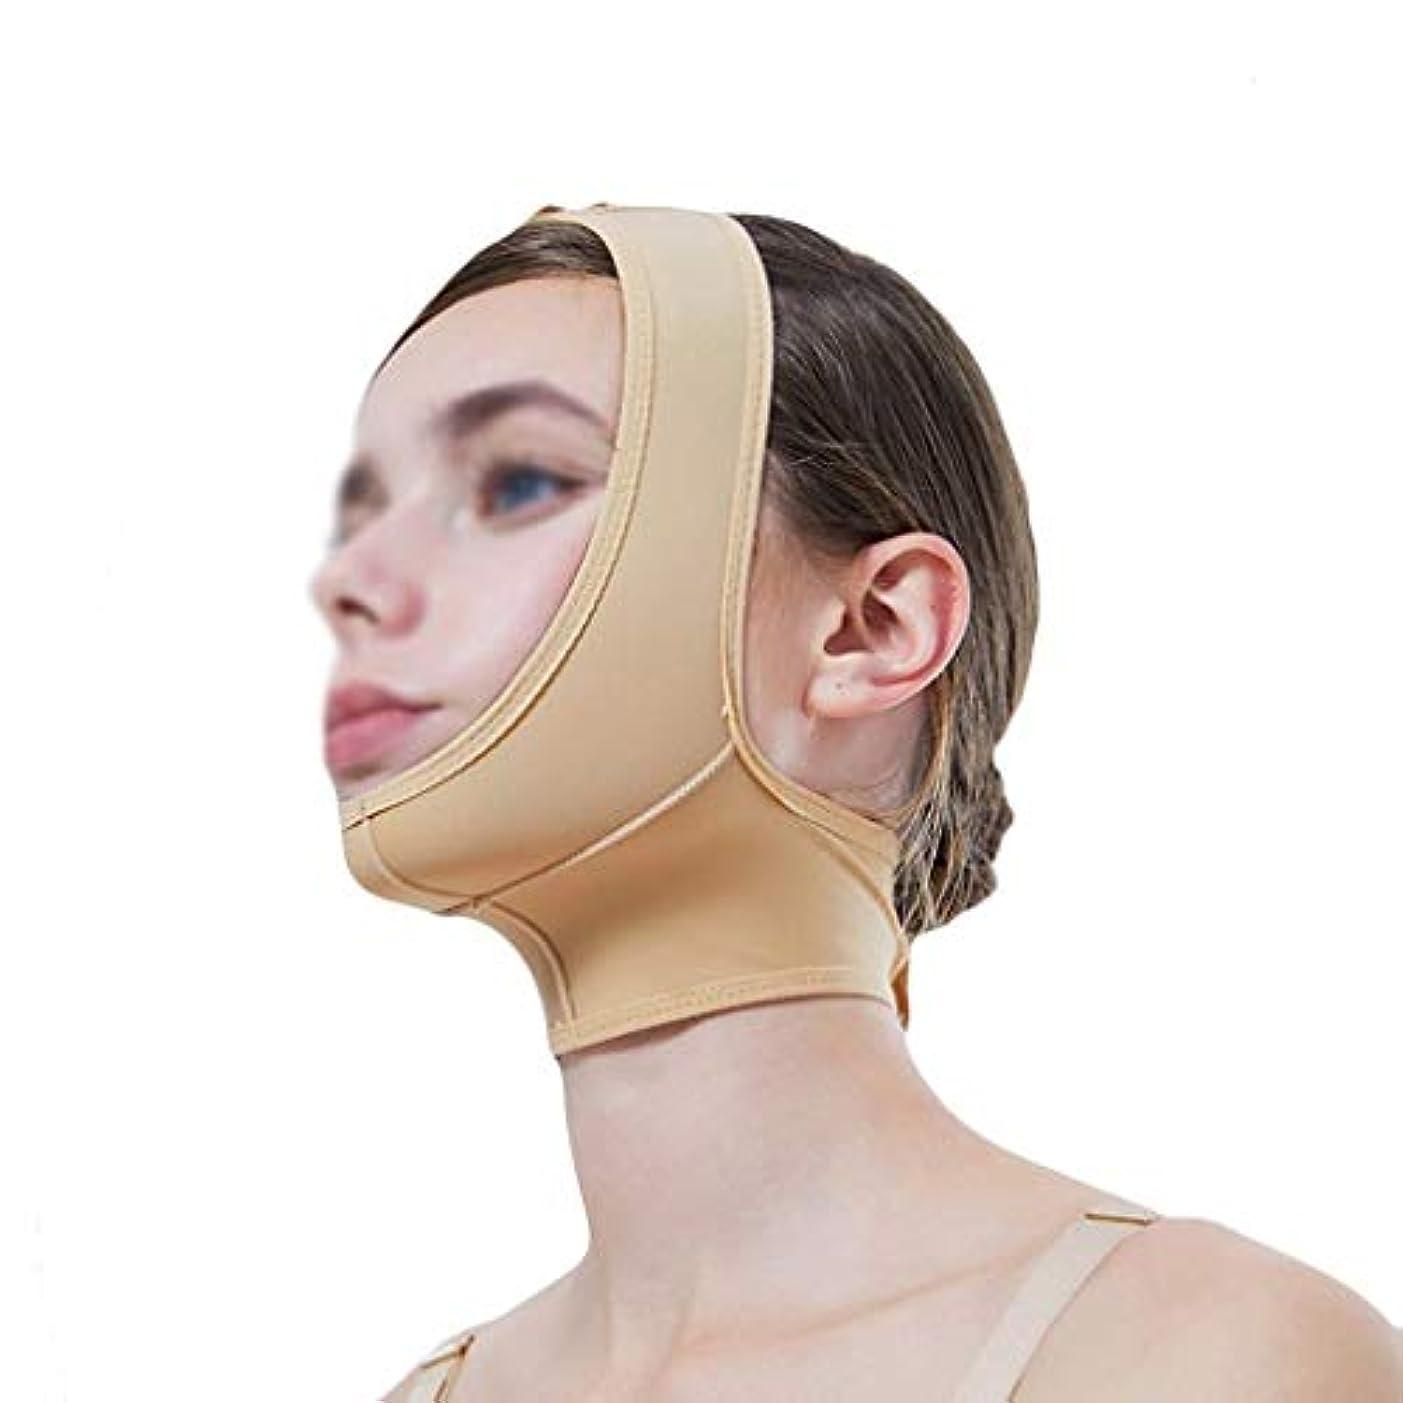 拍車満了配管マスク、超薄型ベルト、フェイスリフティングに適し、フェイスリフティング、通気性包帯、あご取りベルト、超薄型ベルト、通気性(サイズ:XL),XL